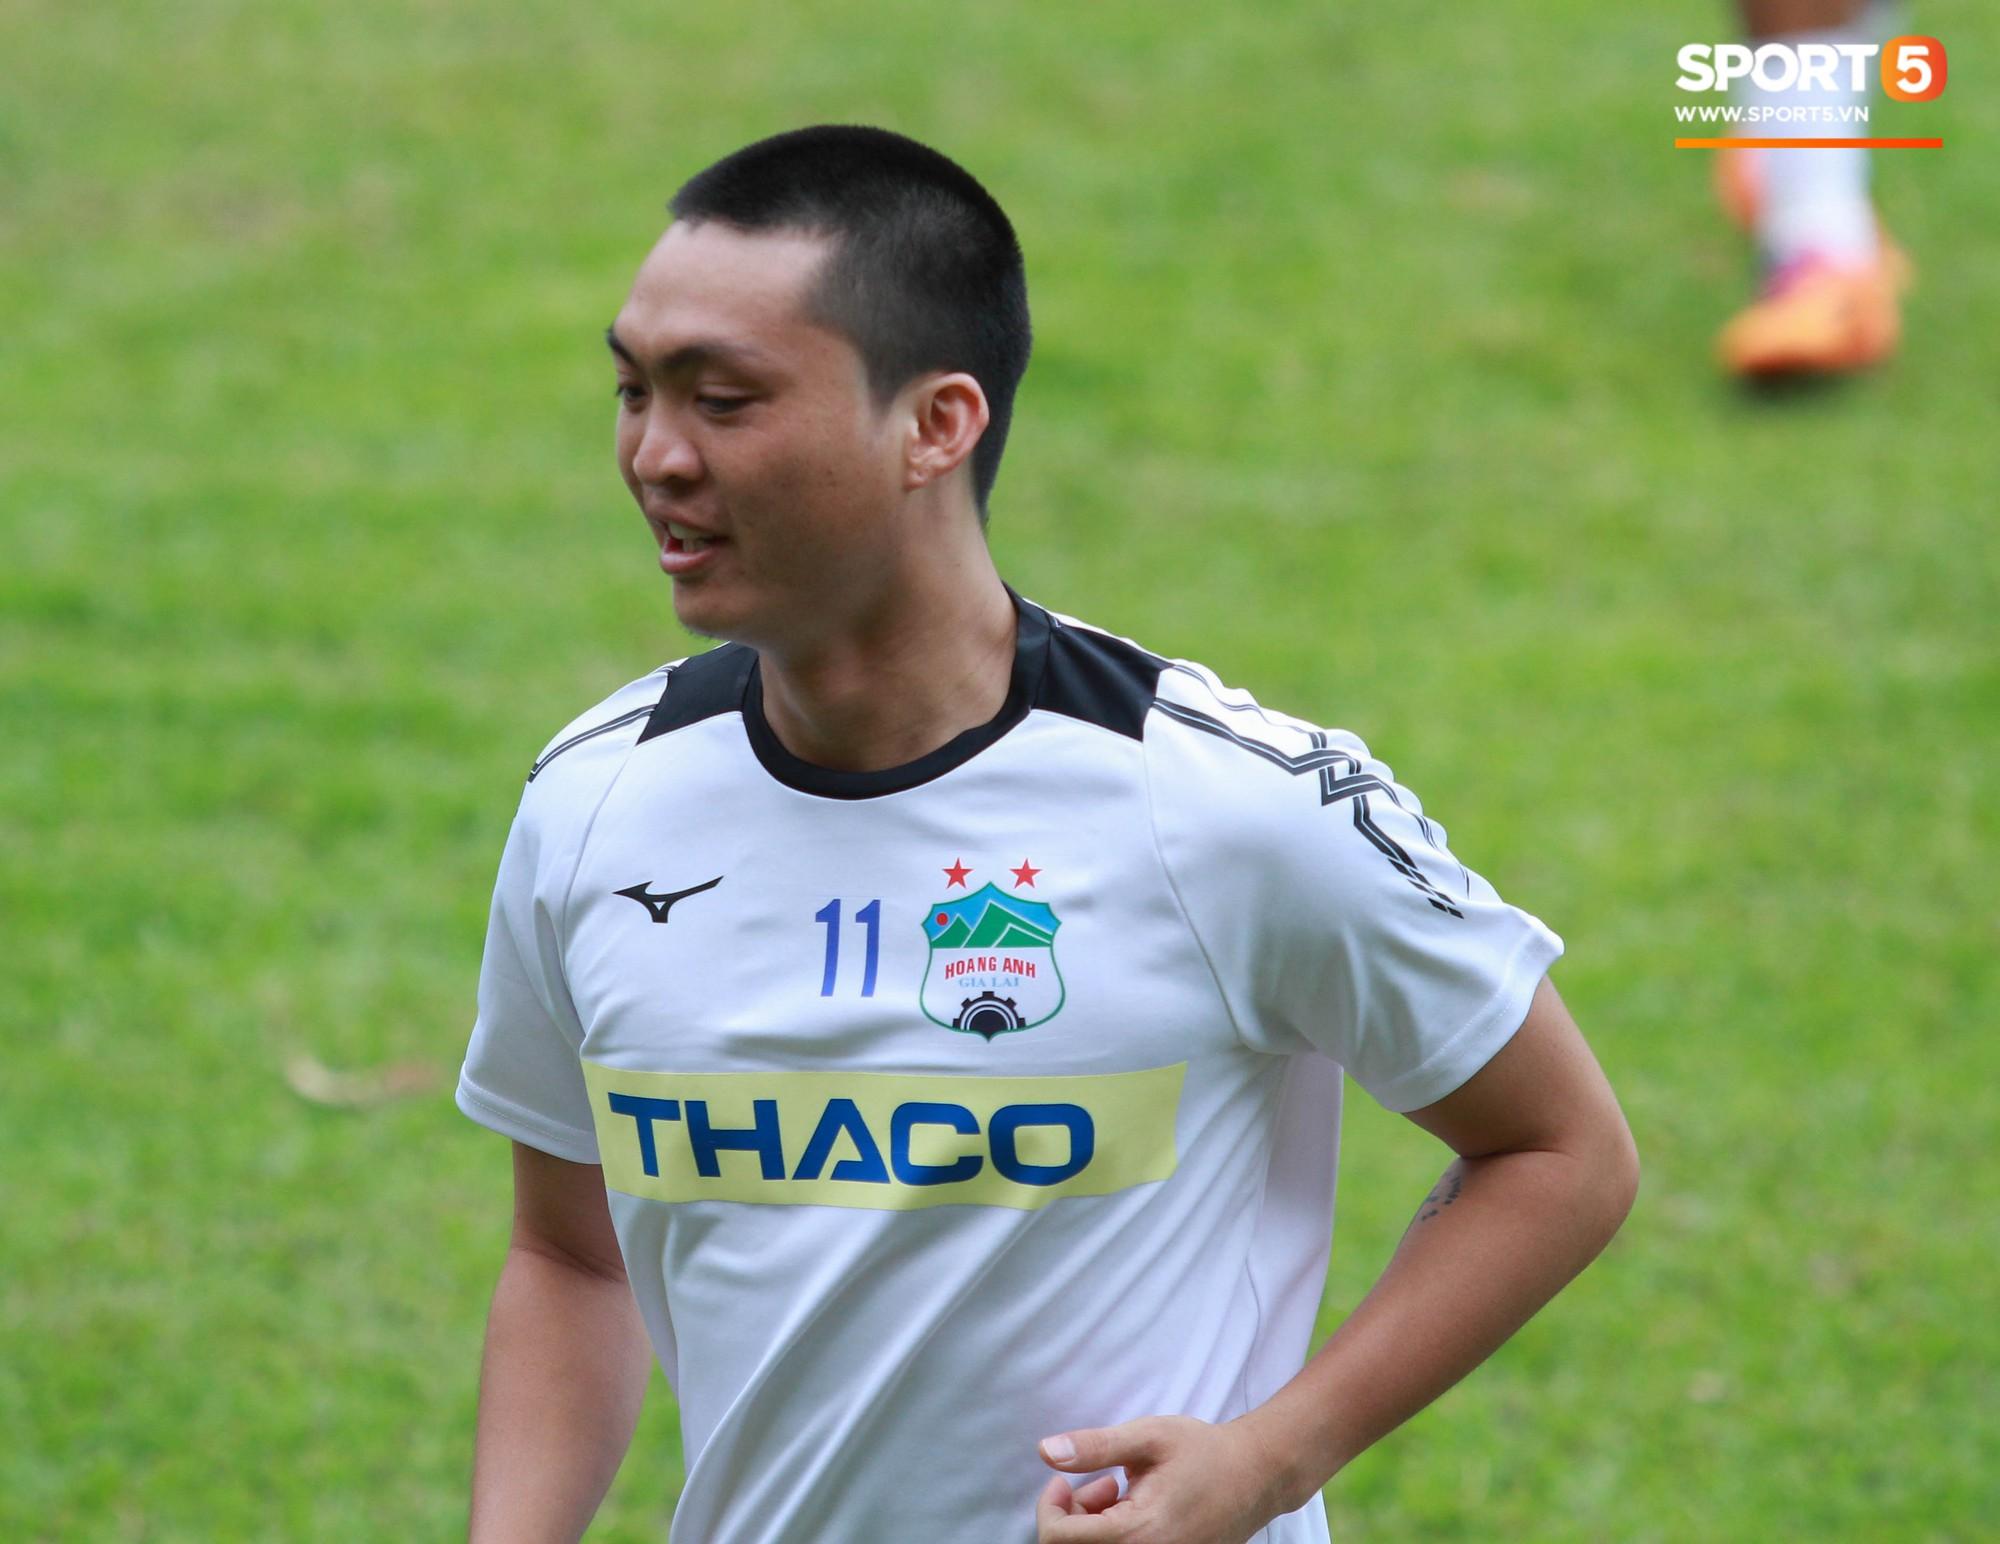 Từ bỏ mái tóc lãng tử, Tuấn Anh khiến fan sửng sốt với kiểu đầu mới đầy nam tính-3